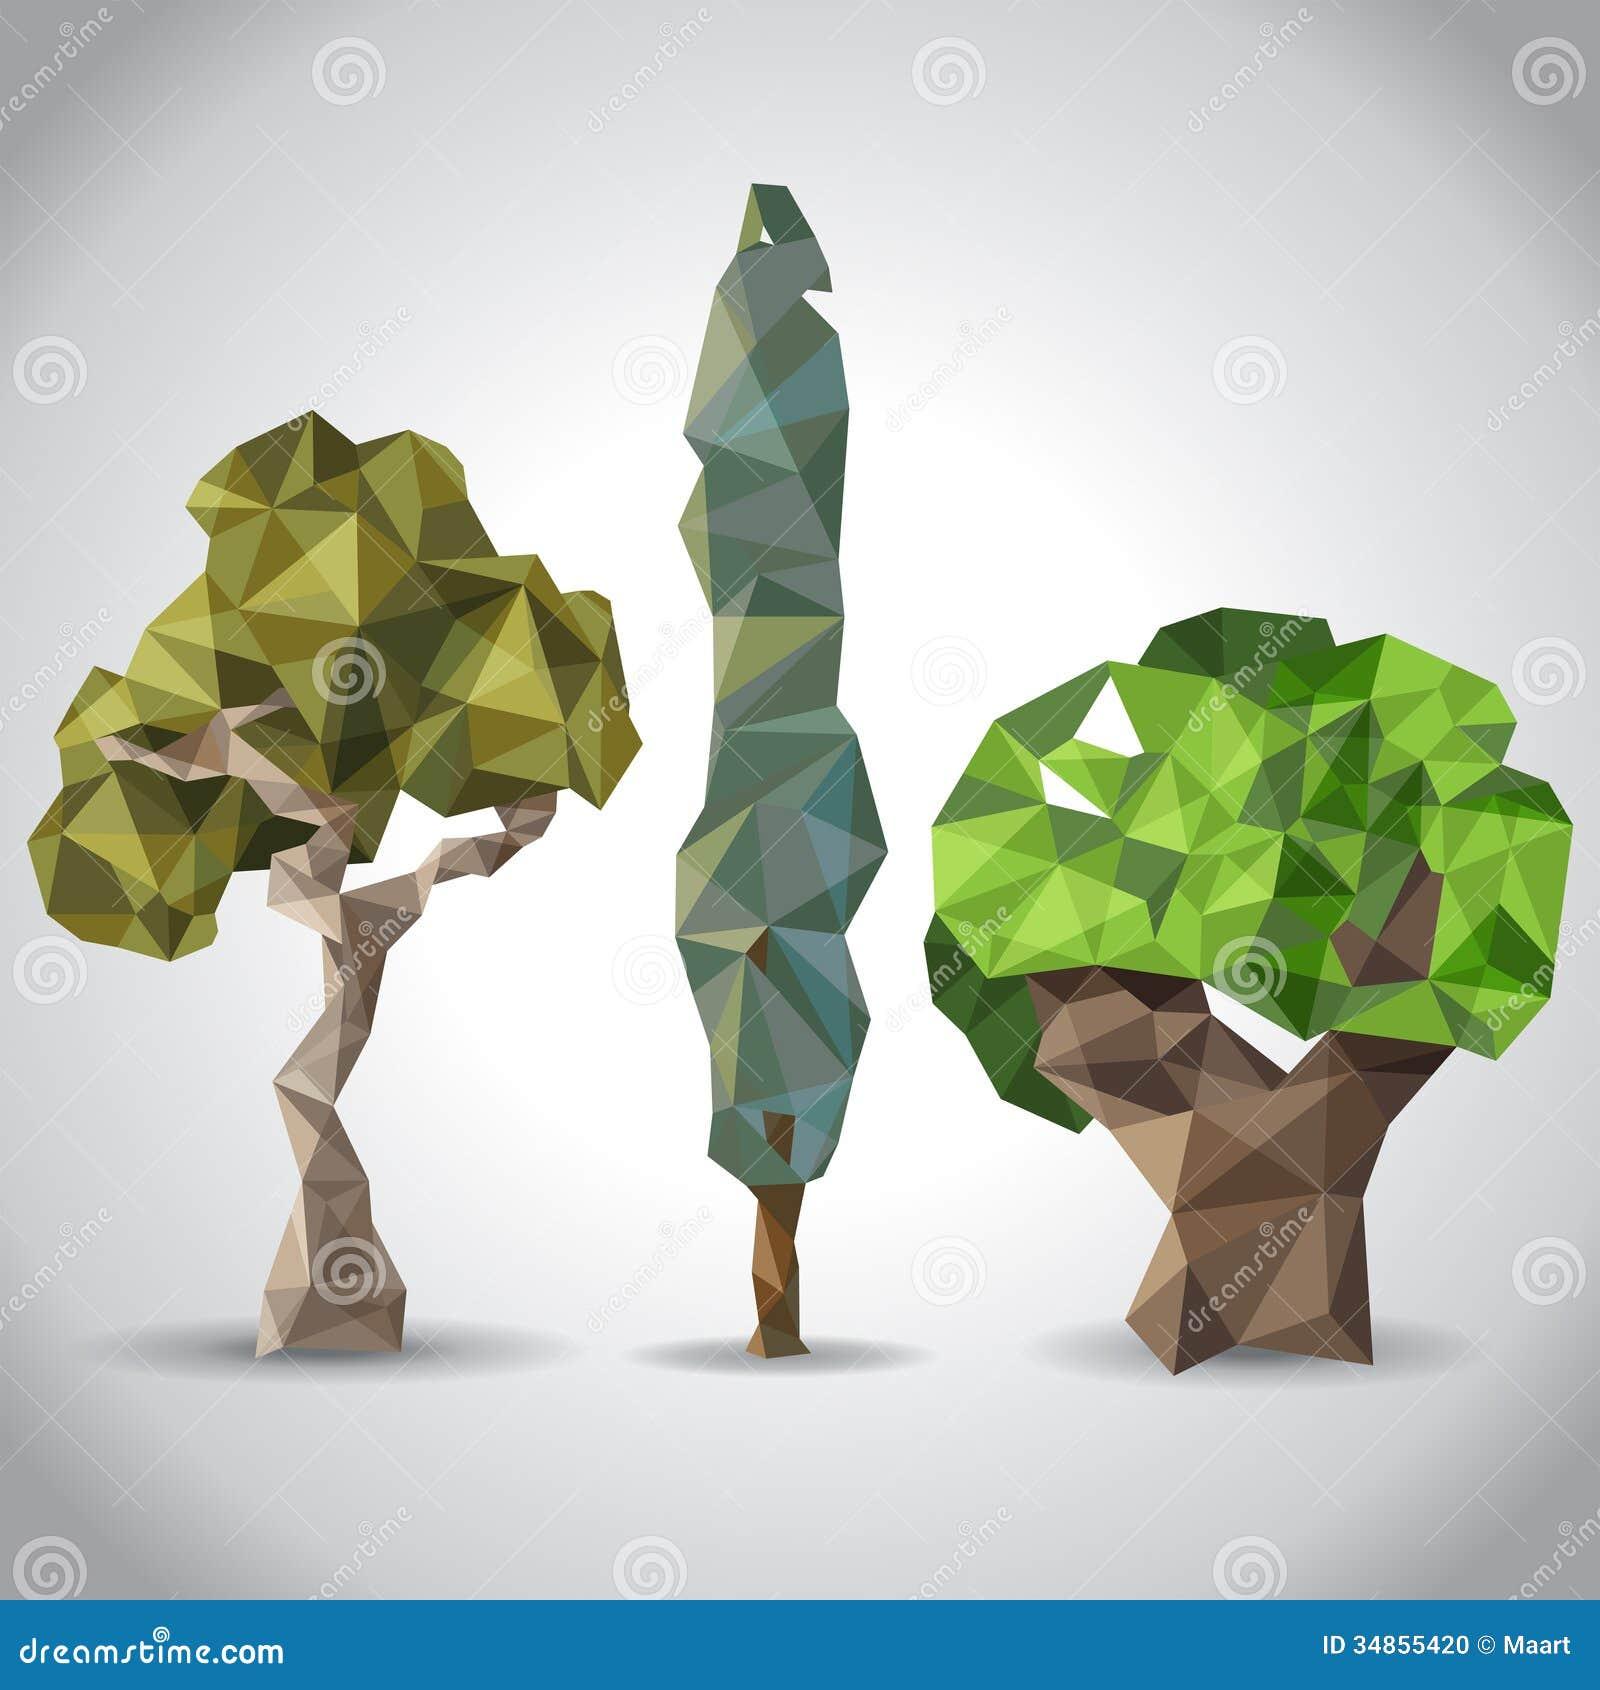 Stylized Trees Stock Photo - Image: 34855420